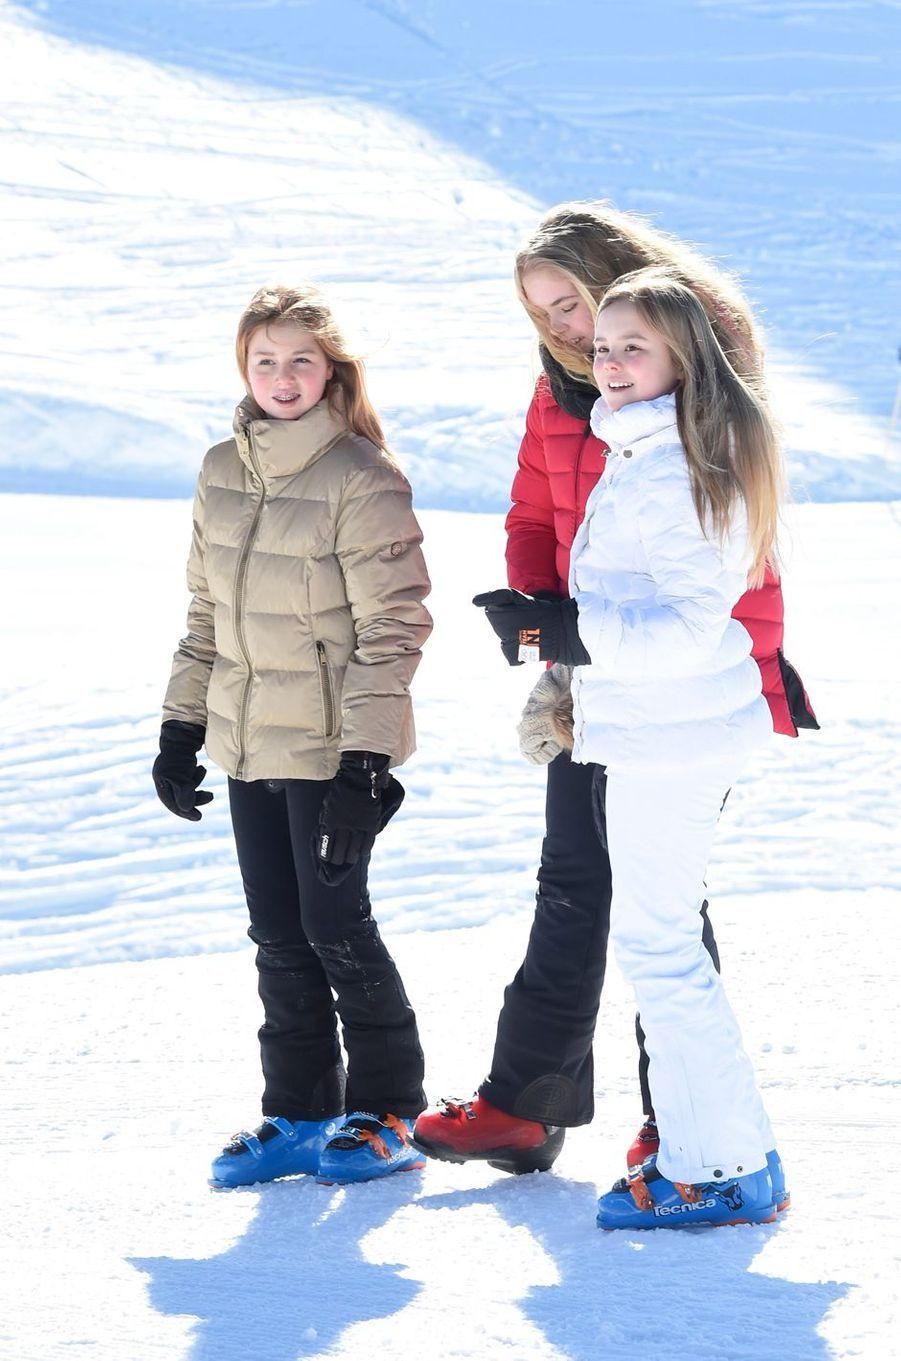 La reine Maxima des Pays-Bas avec les princesses Alexia et Ariane à Lech, le 26 février 2018